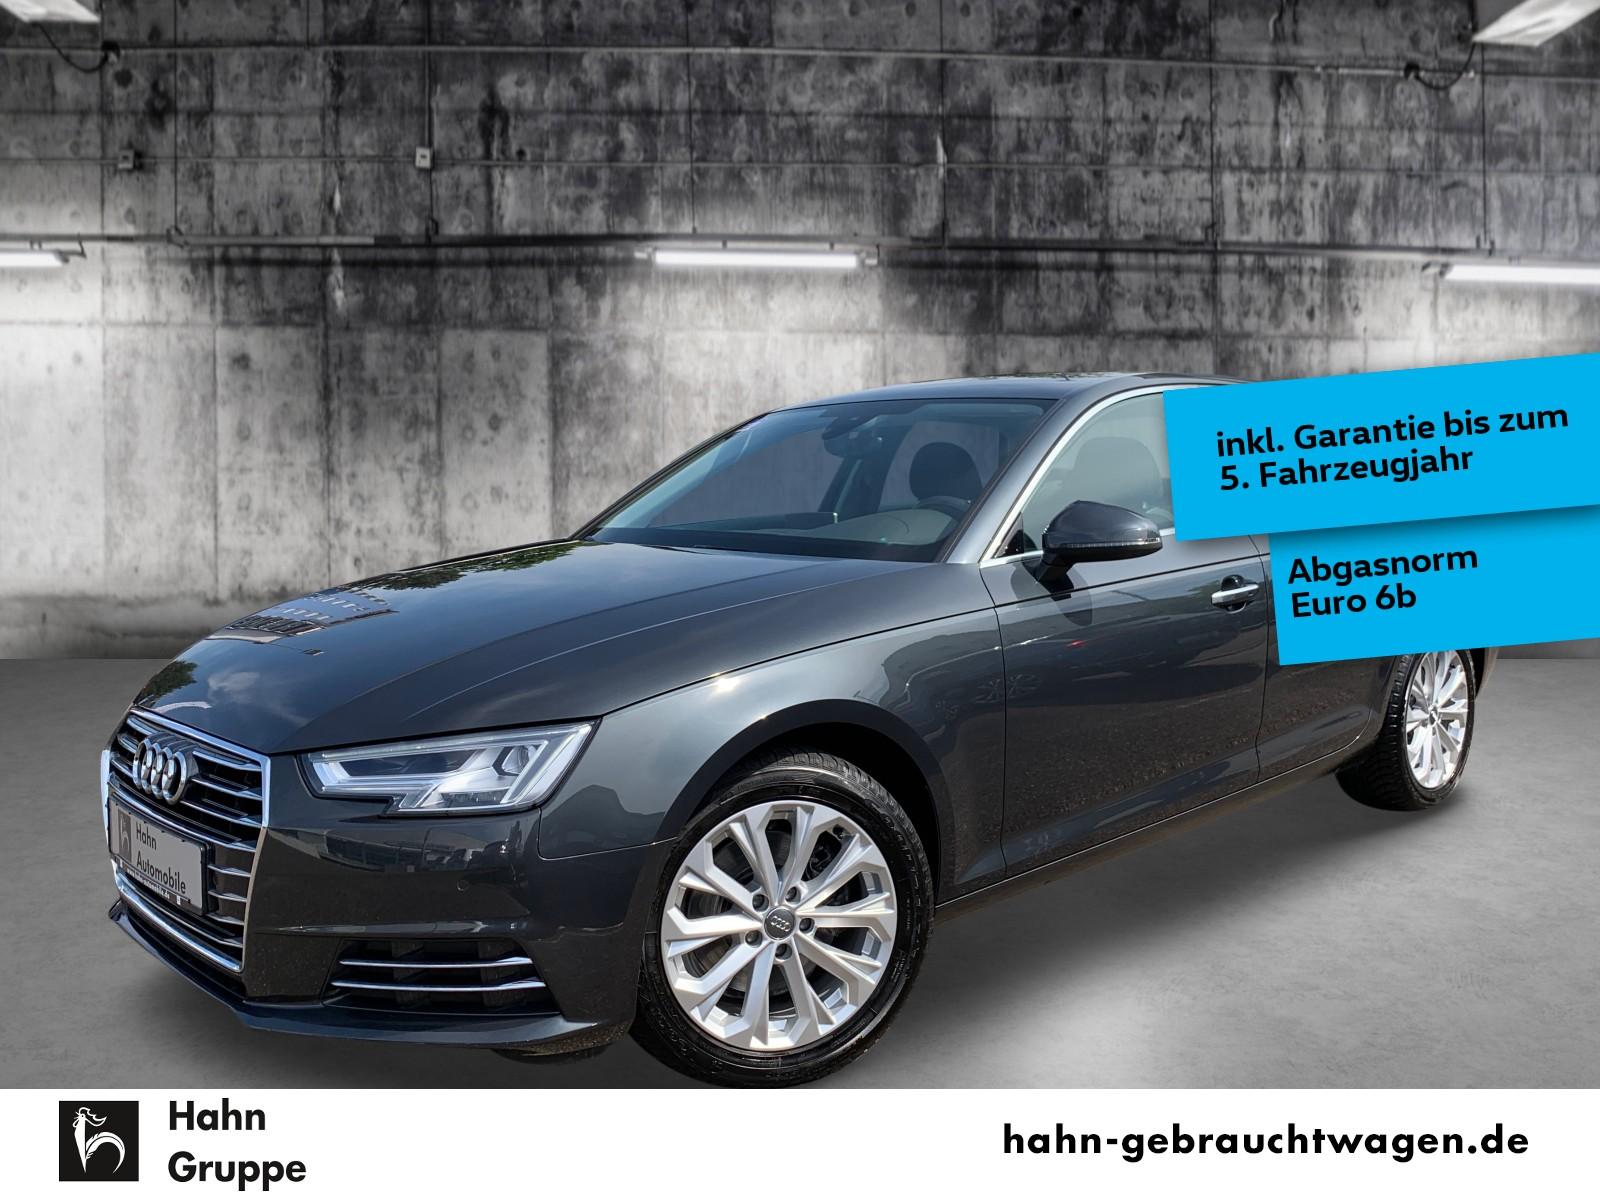 Audi A4 design 2,0TDI Nav LED Key Park Sitzh Temp AHK, Jahr 2017, Diesel